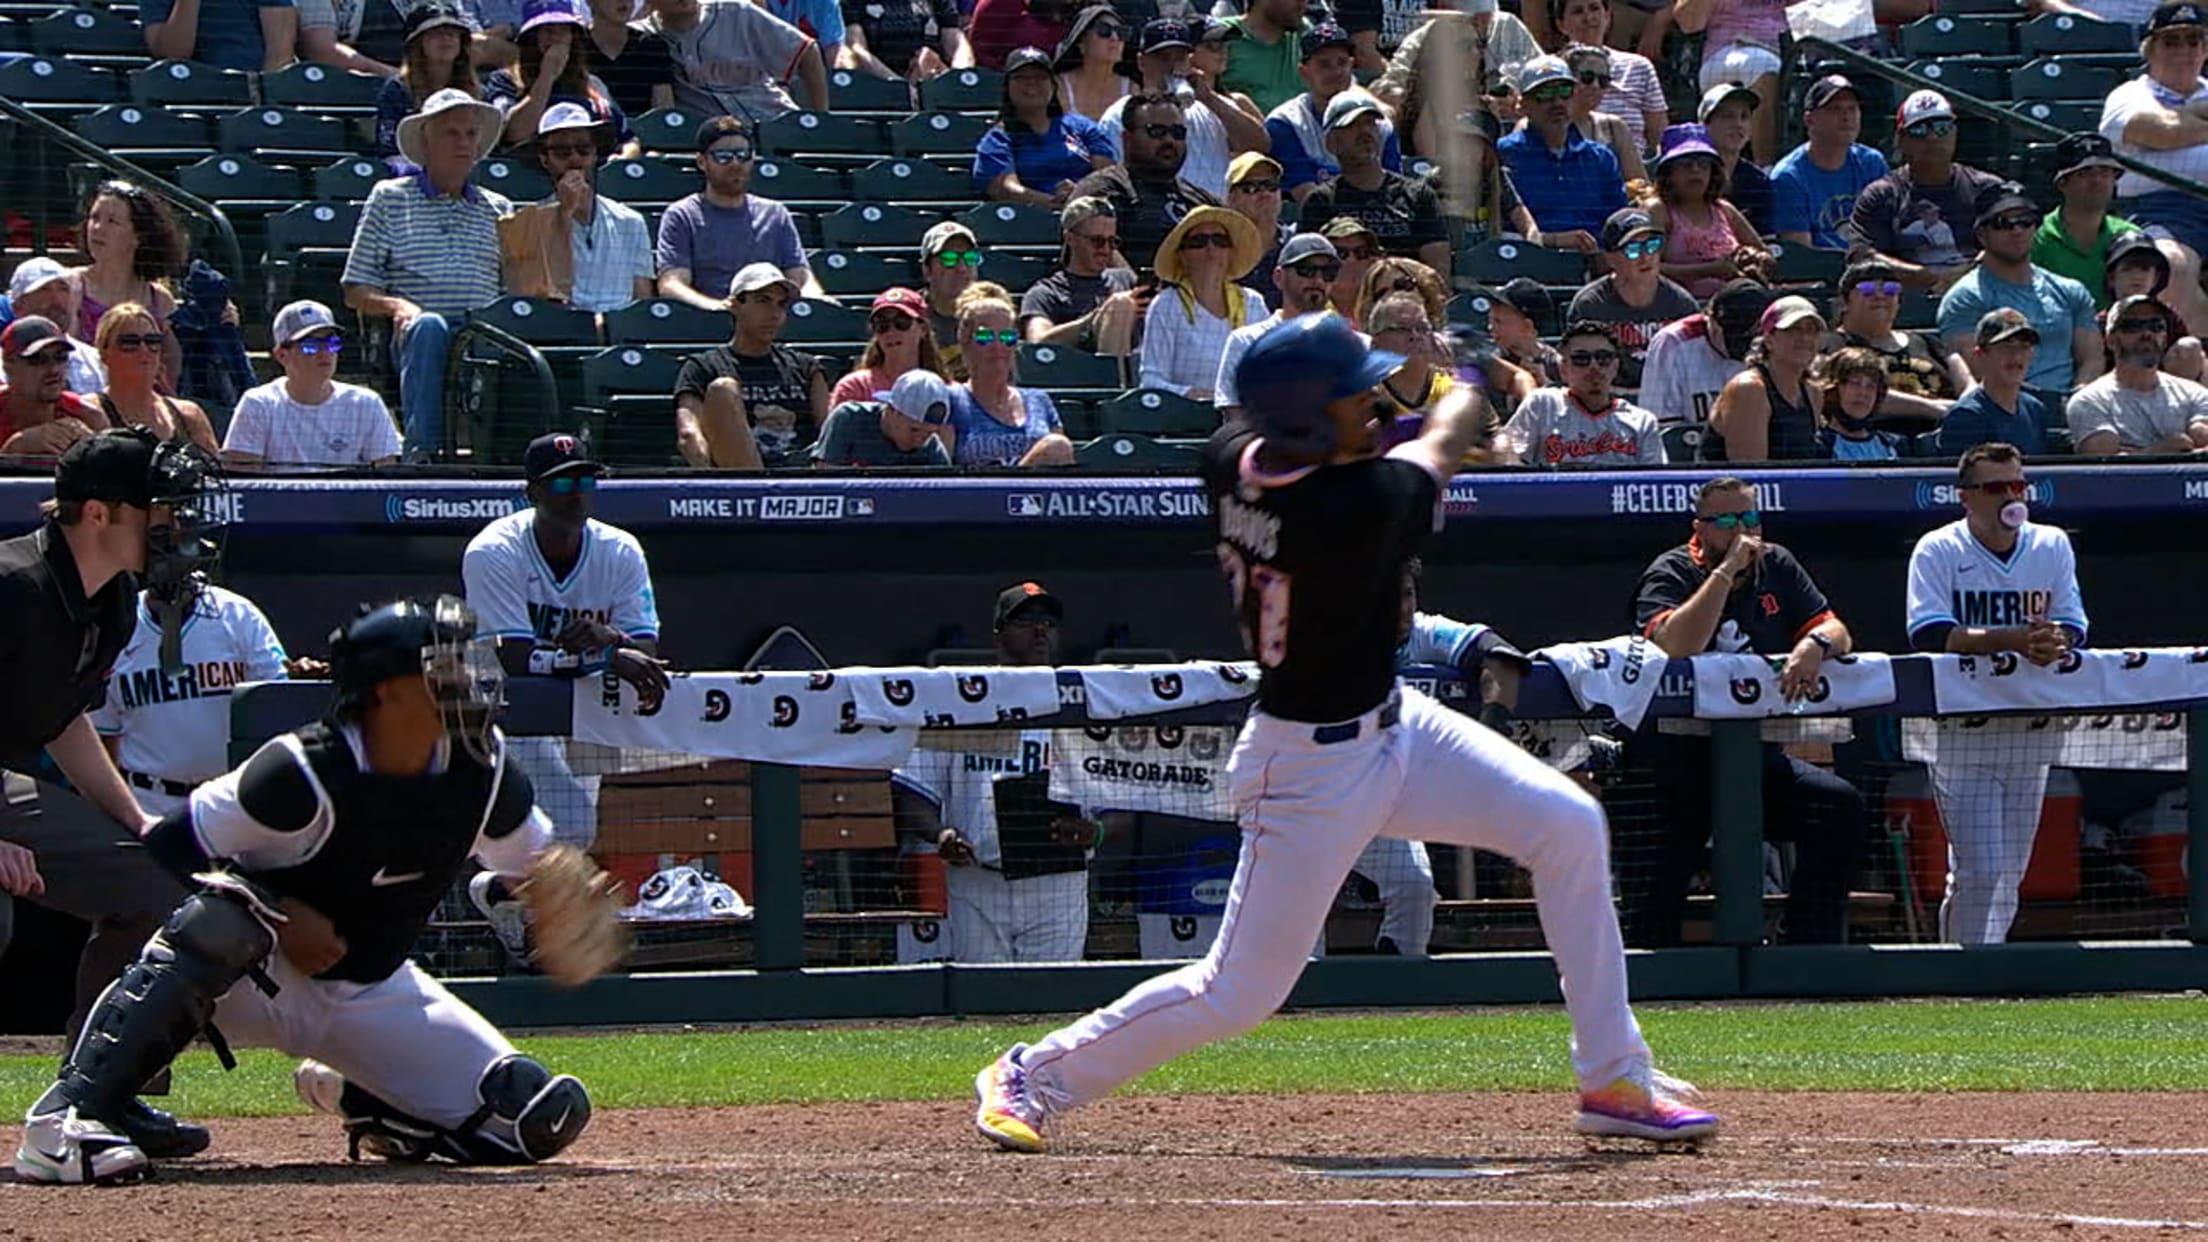 Brennen Davis' second home run